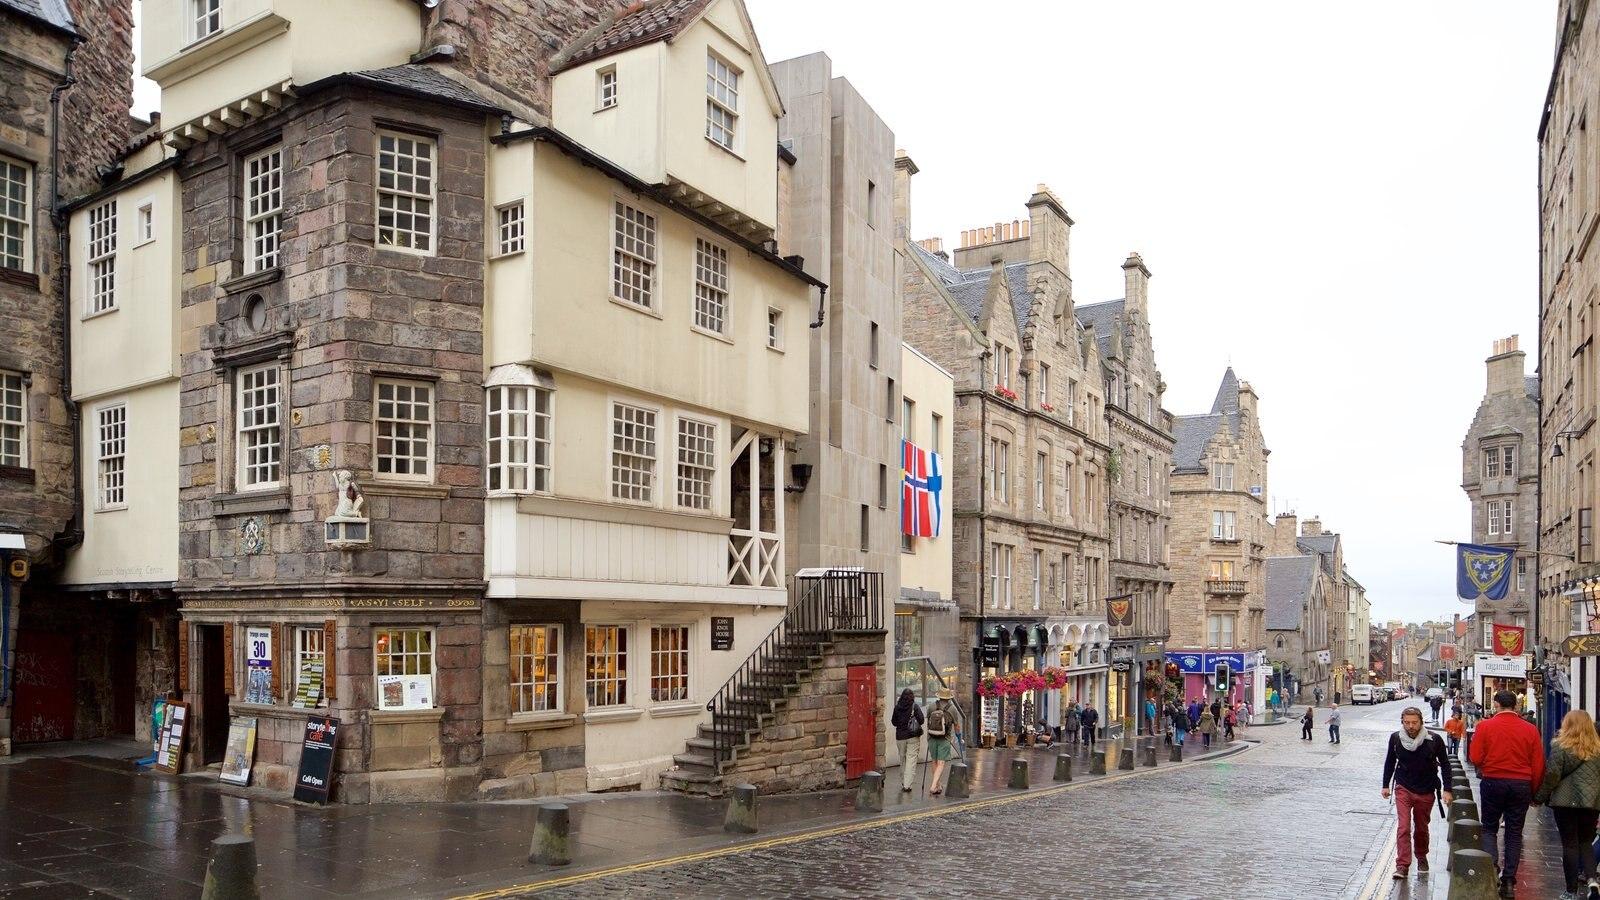 Old Town mostrando escenas urbanas y una ciudad